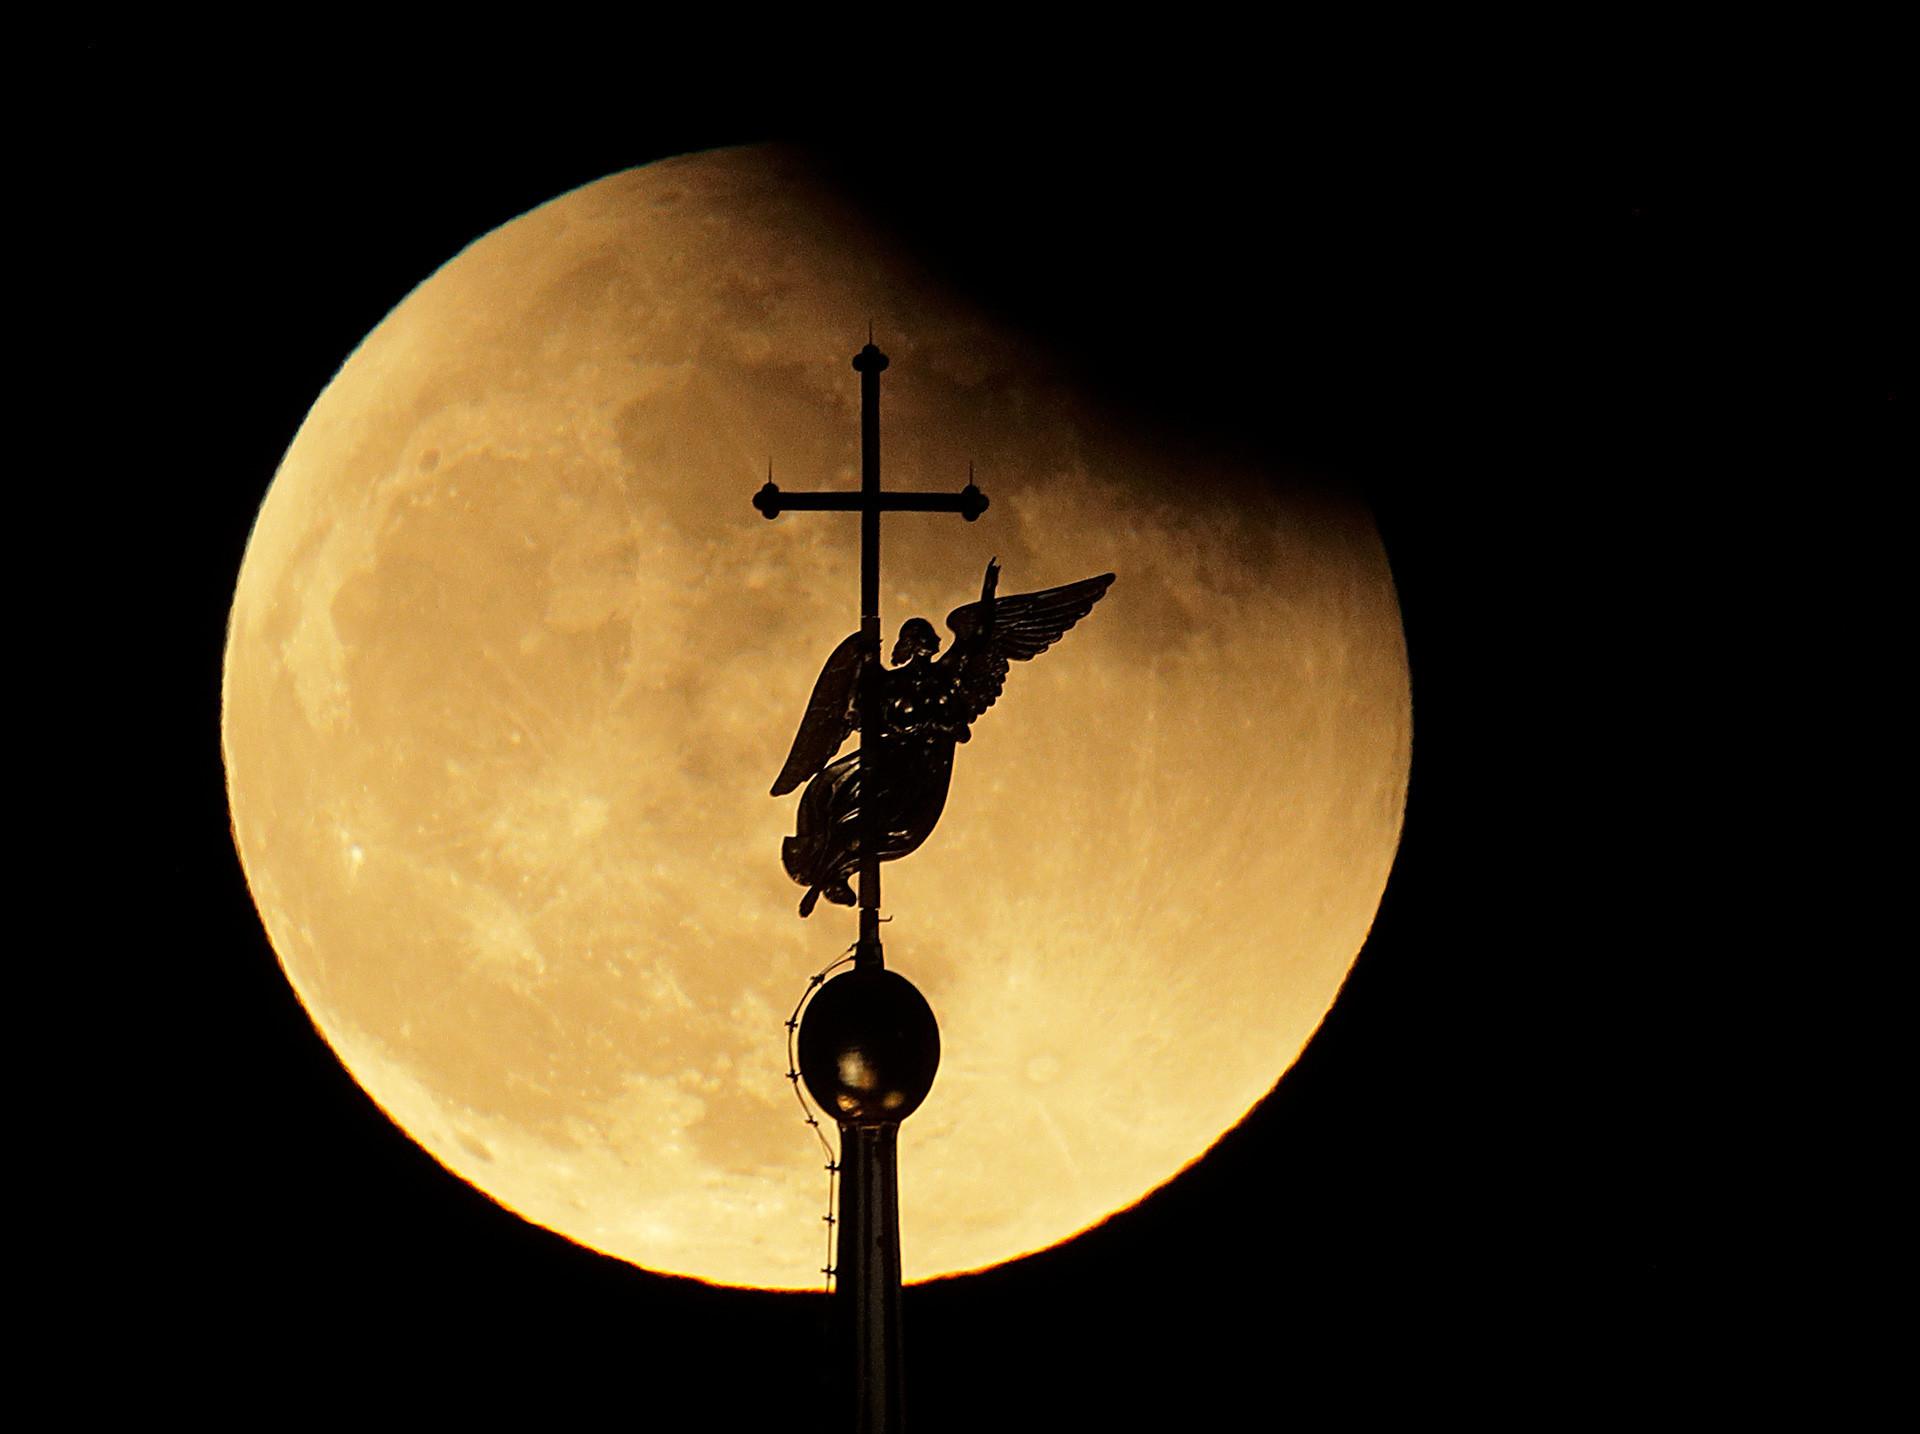 Cette girouette en forme d'ange, véritable curiosité de Saint-Pétersbourg, culmine au sommet de la Cathédrale Pierre-et-Paul, et n'en est que sublimée par la Lune.